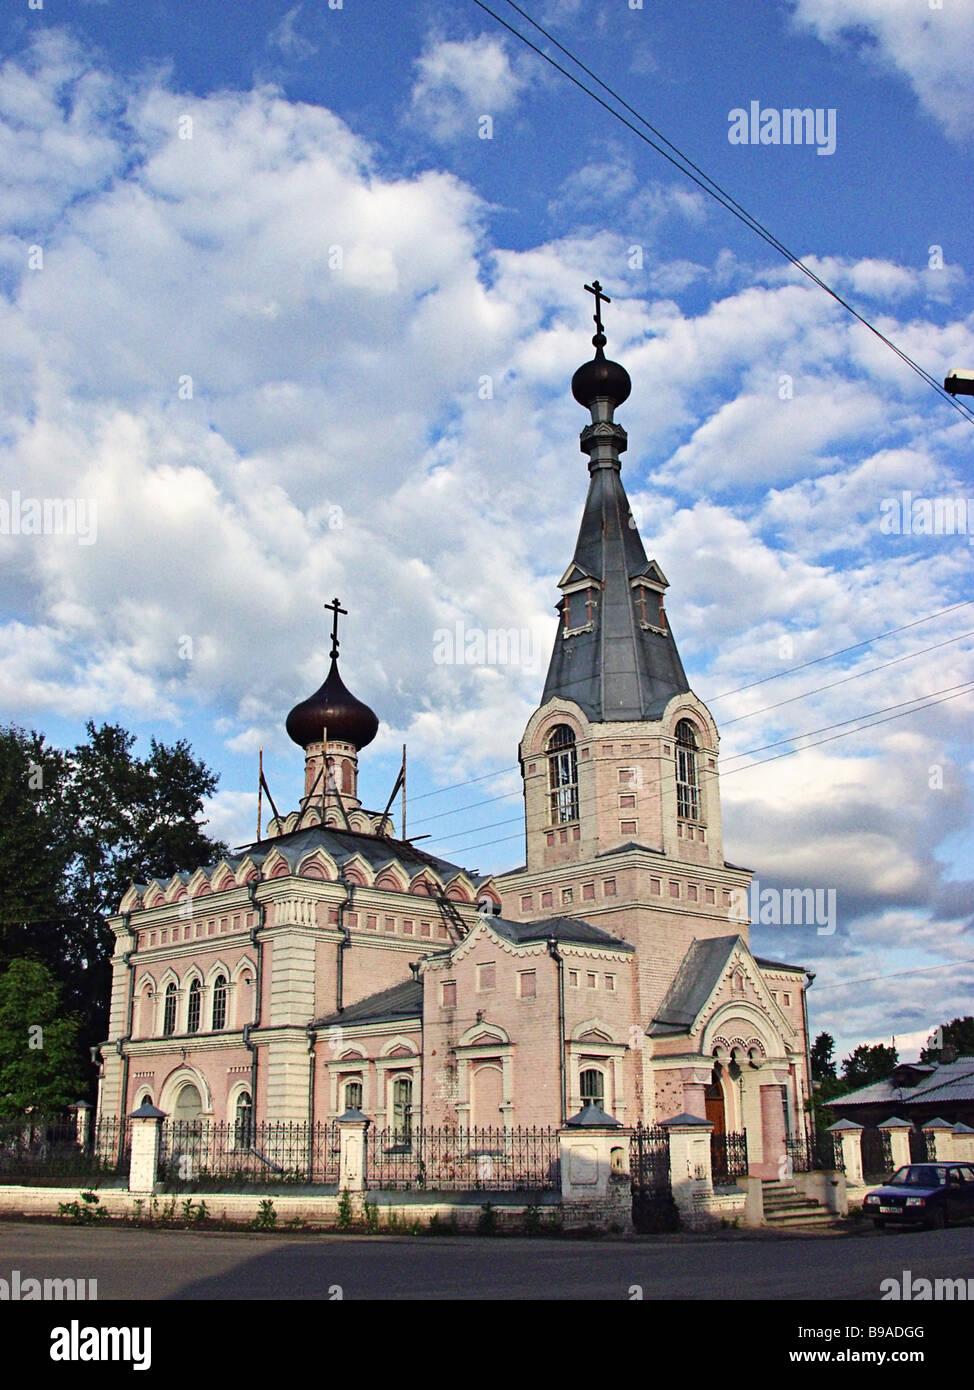 All Saints Church in Semyonov town in the Nizhny Novgorod Region - Stock Image